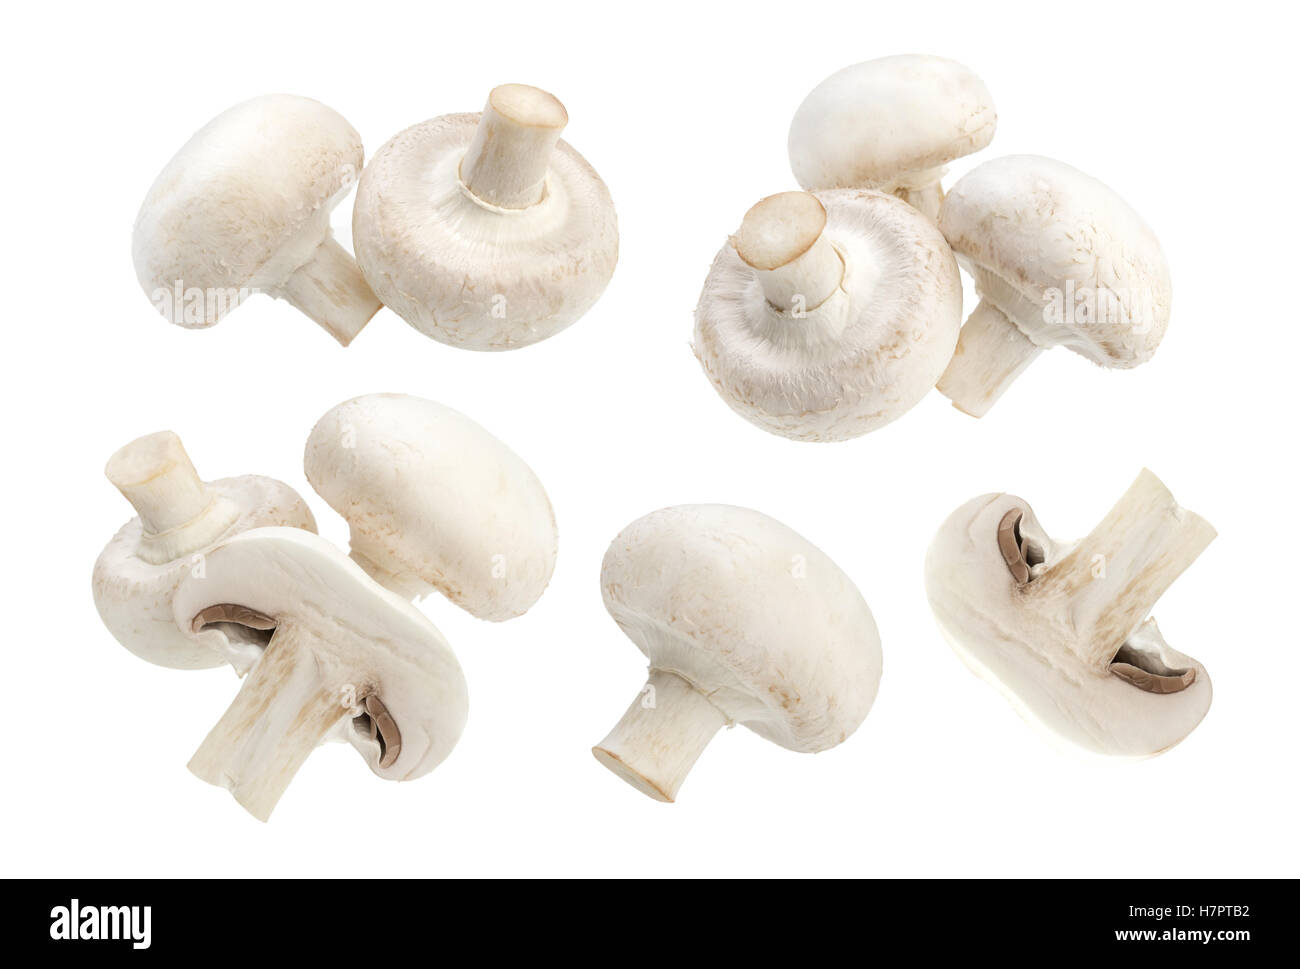 Mushroom champignon isolated on white background - Stock Image